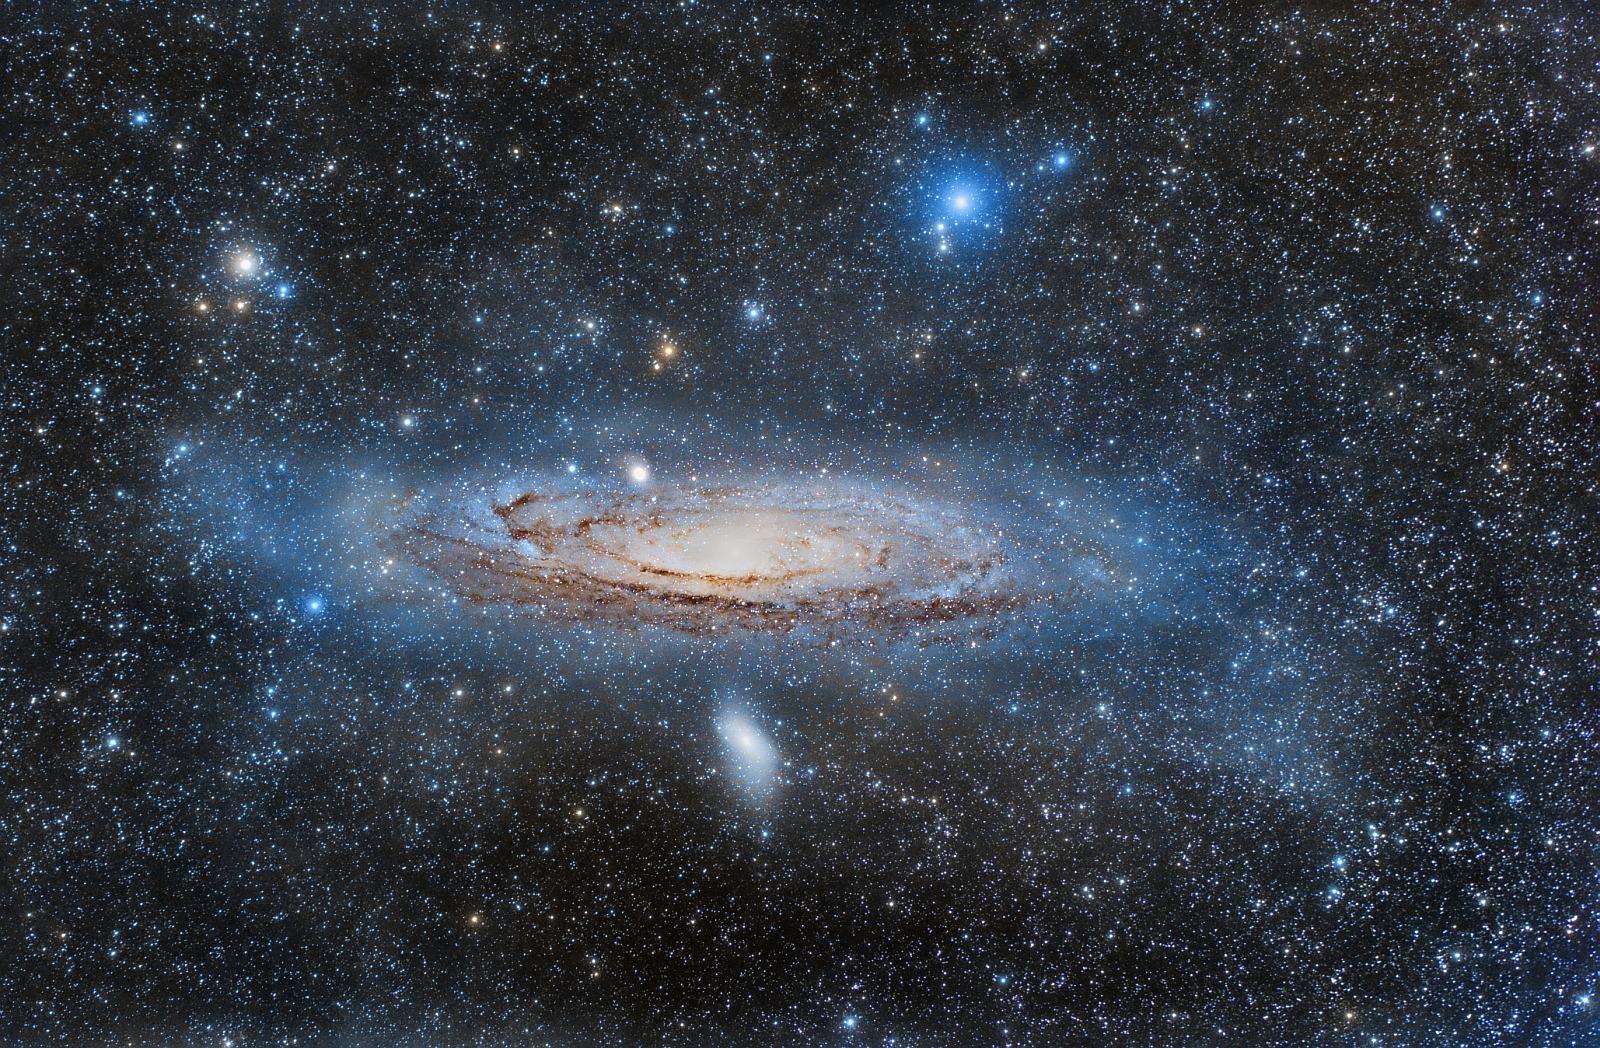 Галактика Андромеда или M31